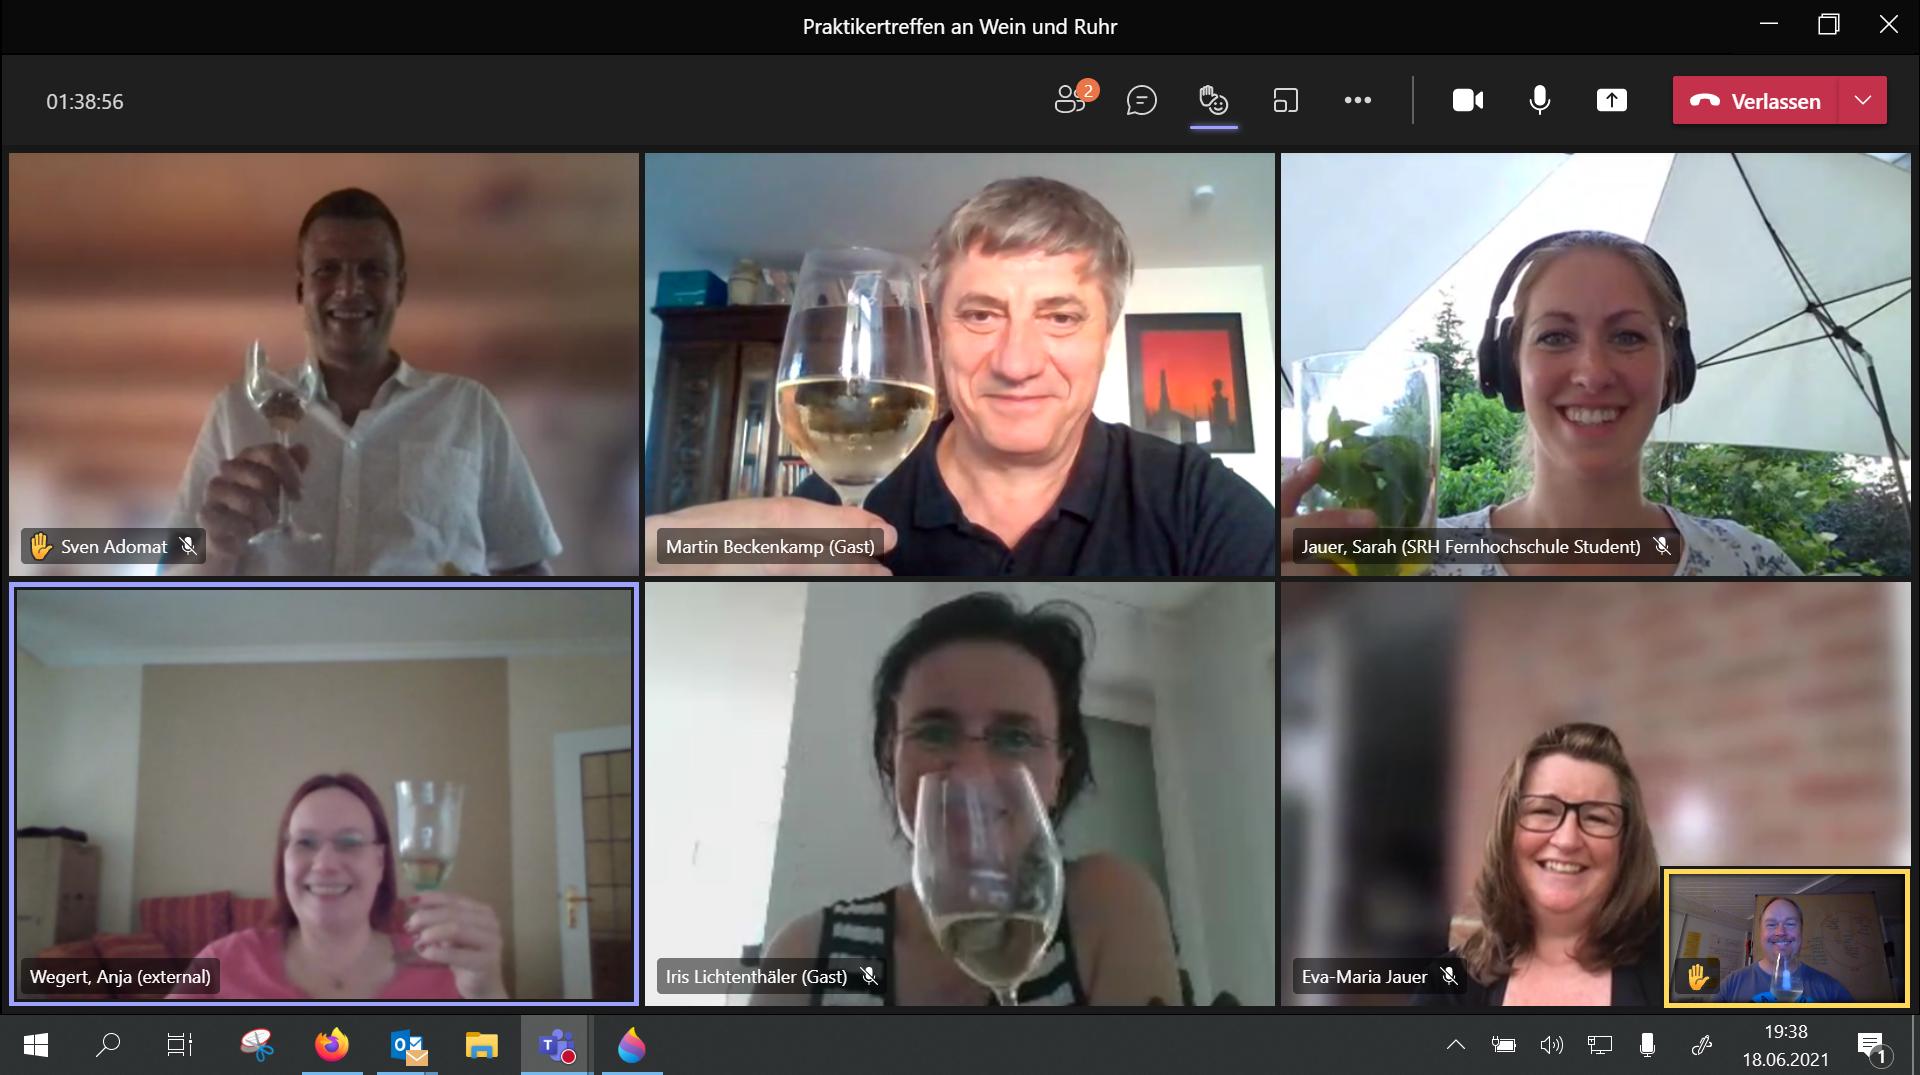 Praktikertreffen der GWPs an Wein und Ruhr